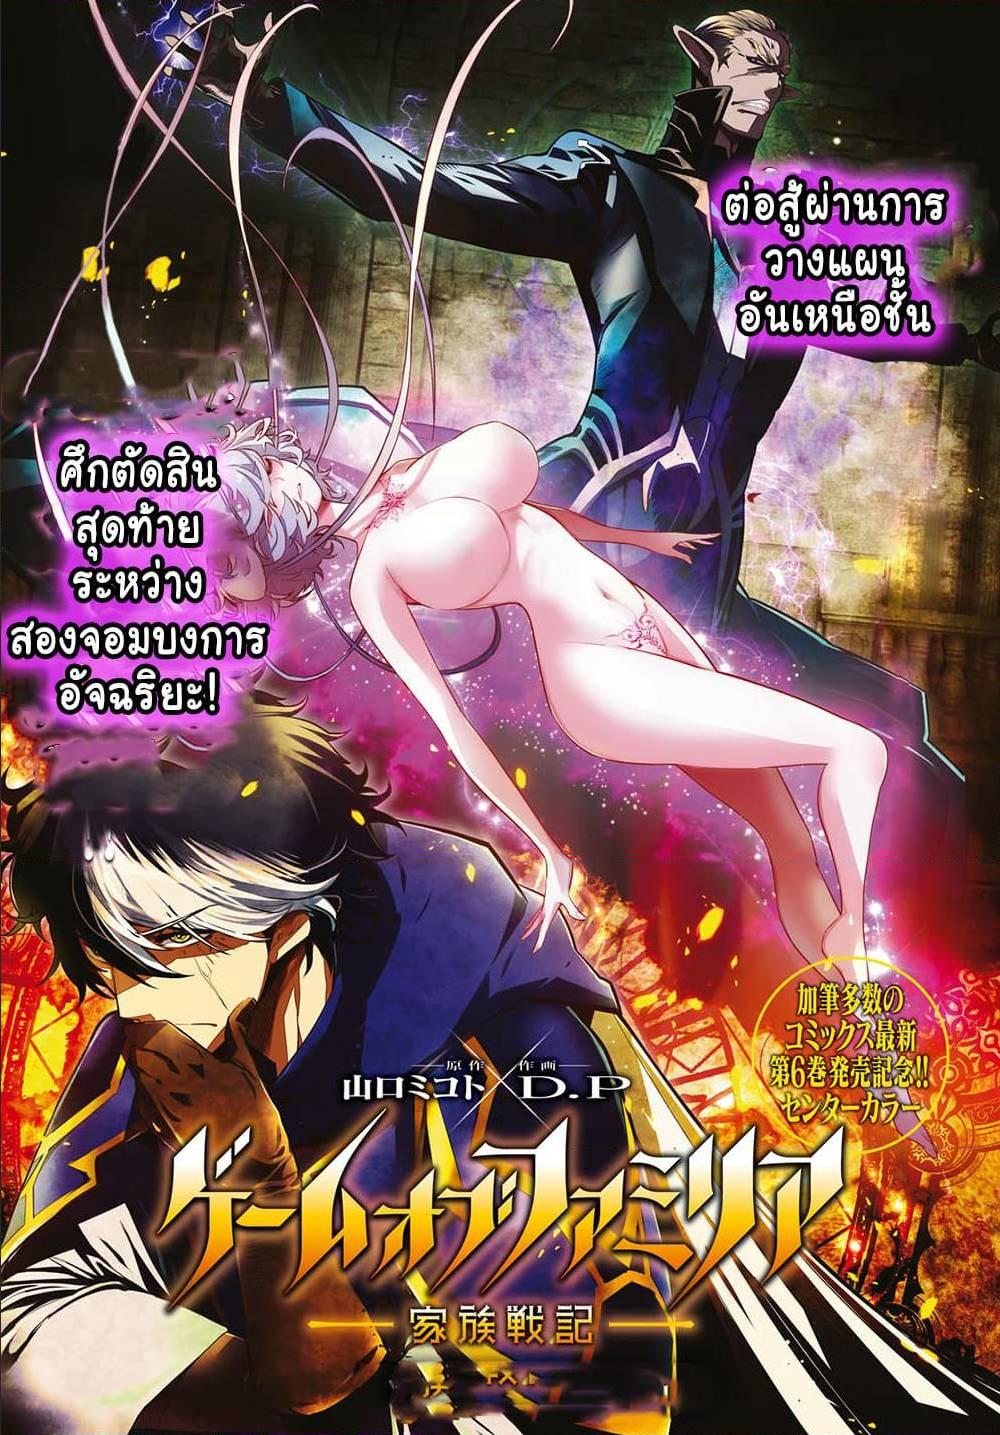 อ่านการ์ตูน Game obu Familia - Family Senki ตอนที่ 30 หน้าที่ 1